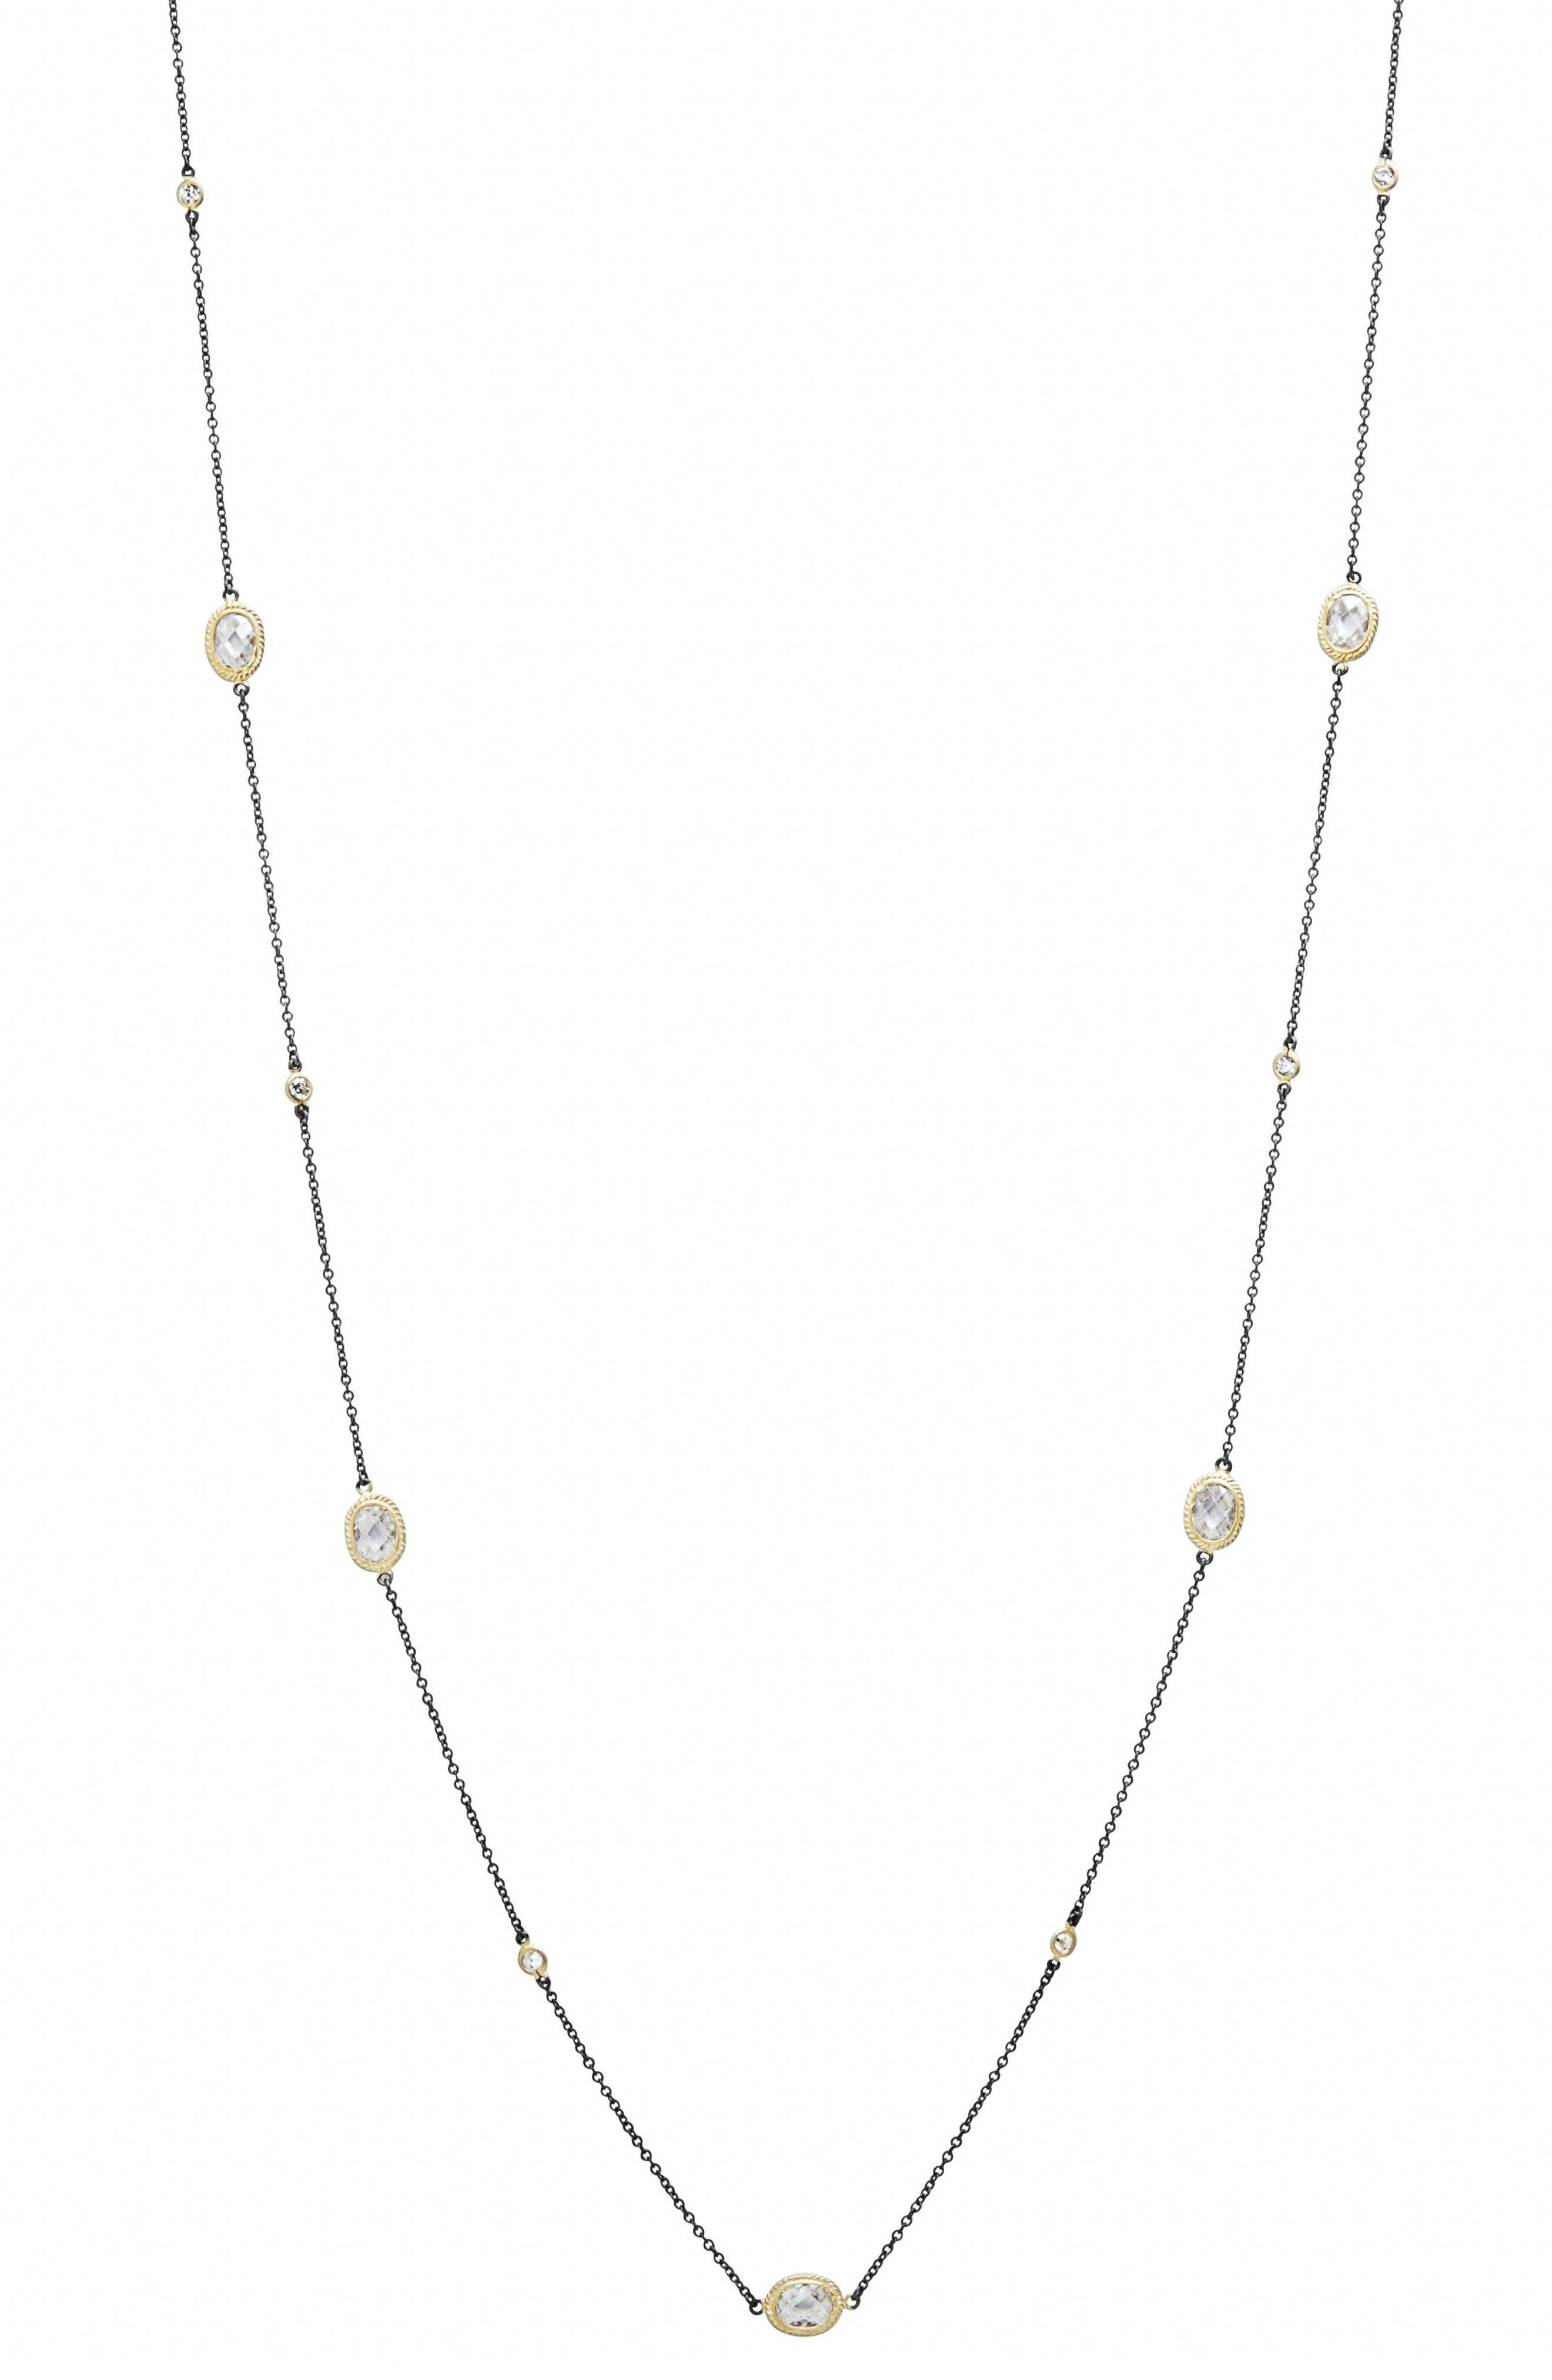 Main Image - FREIDA ROTHMAN Signature Radiance Wrap Necklace